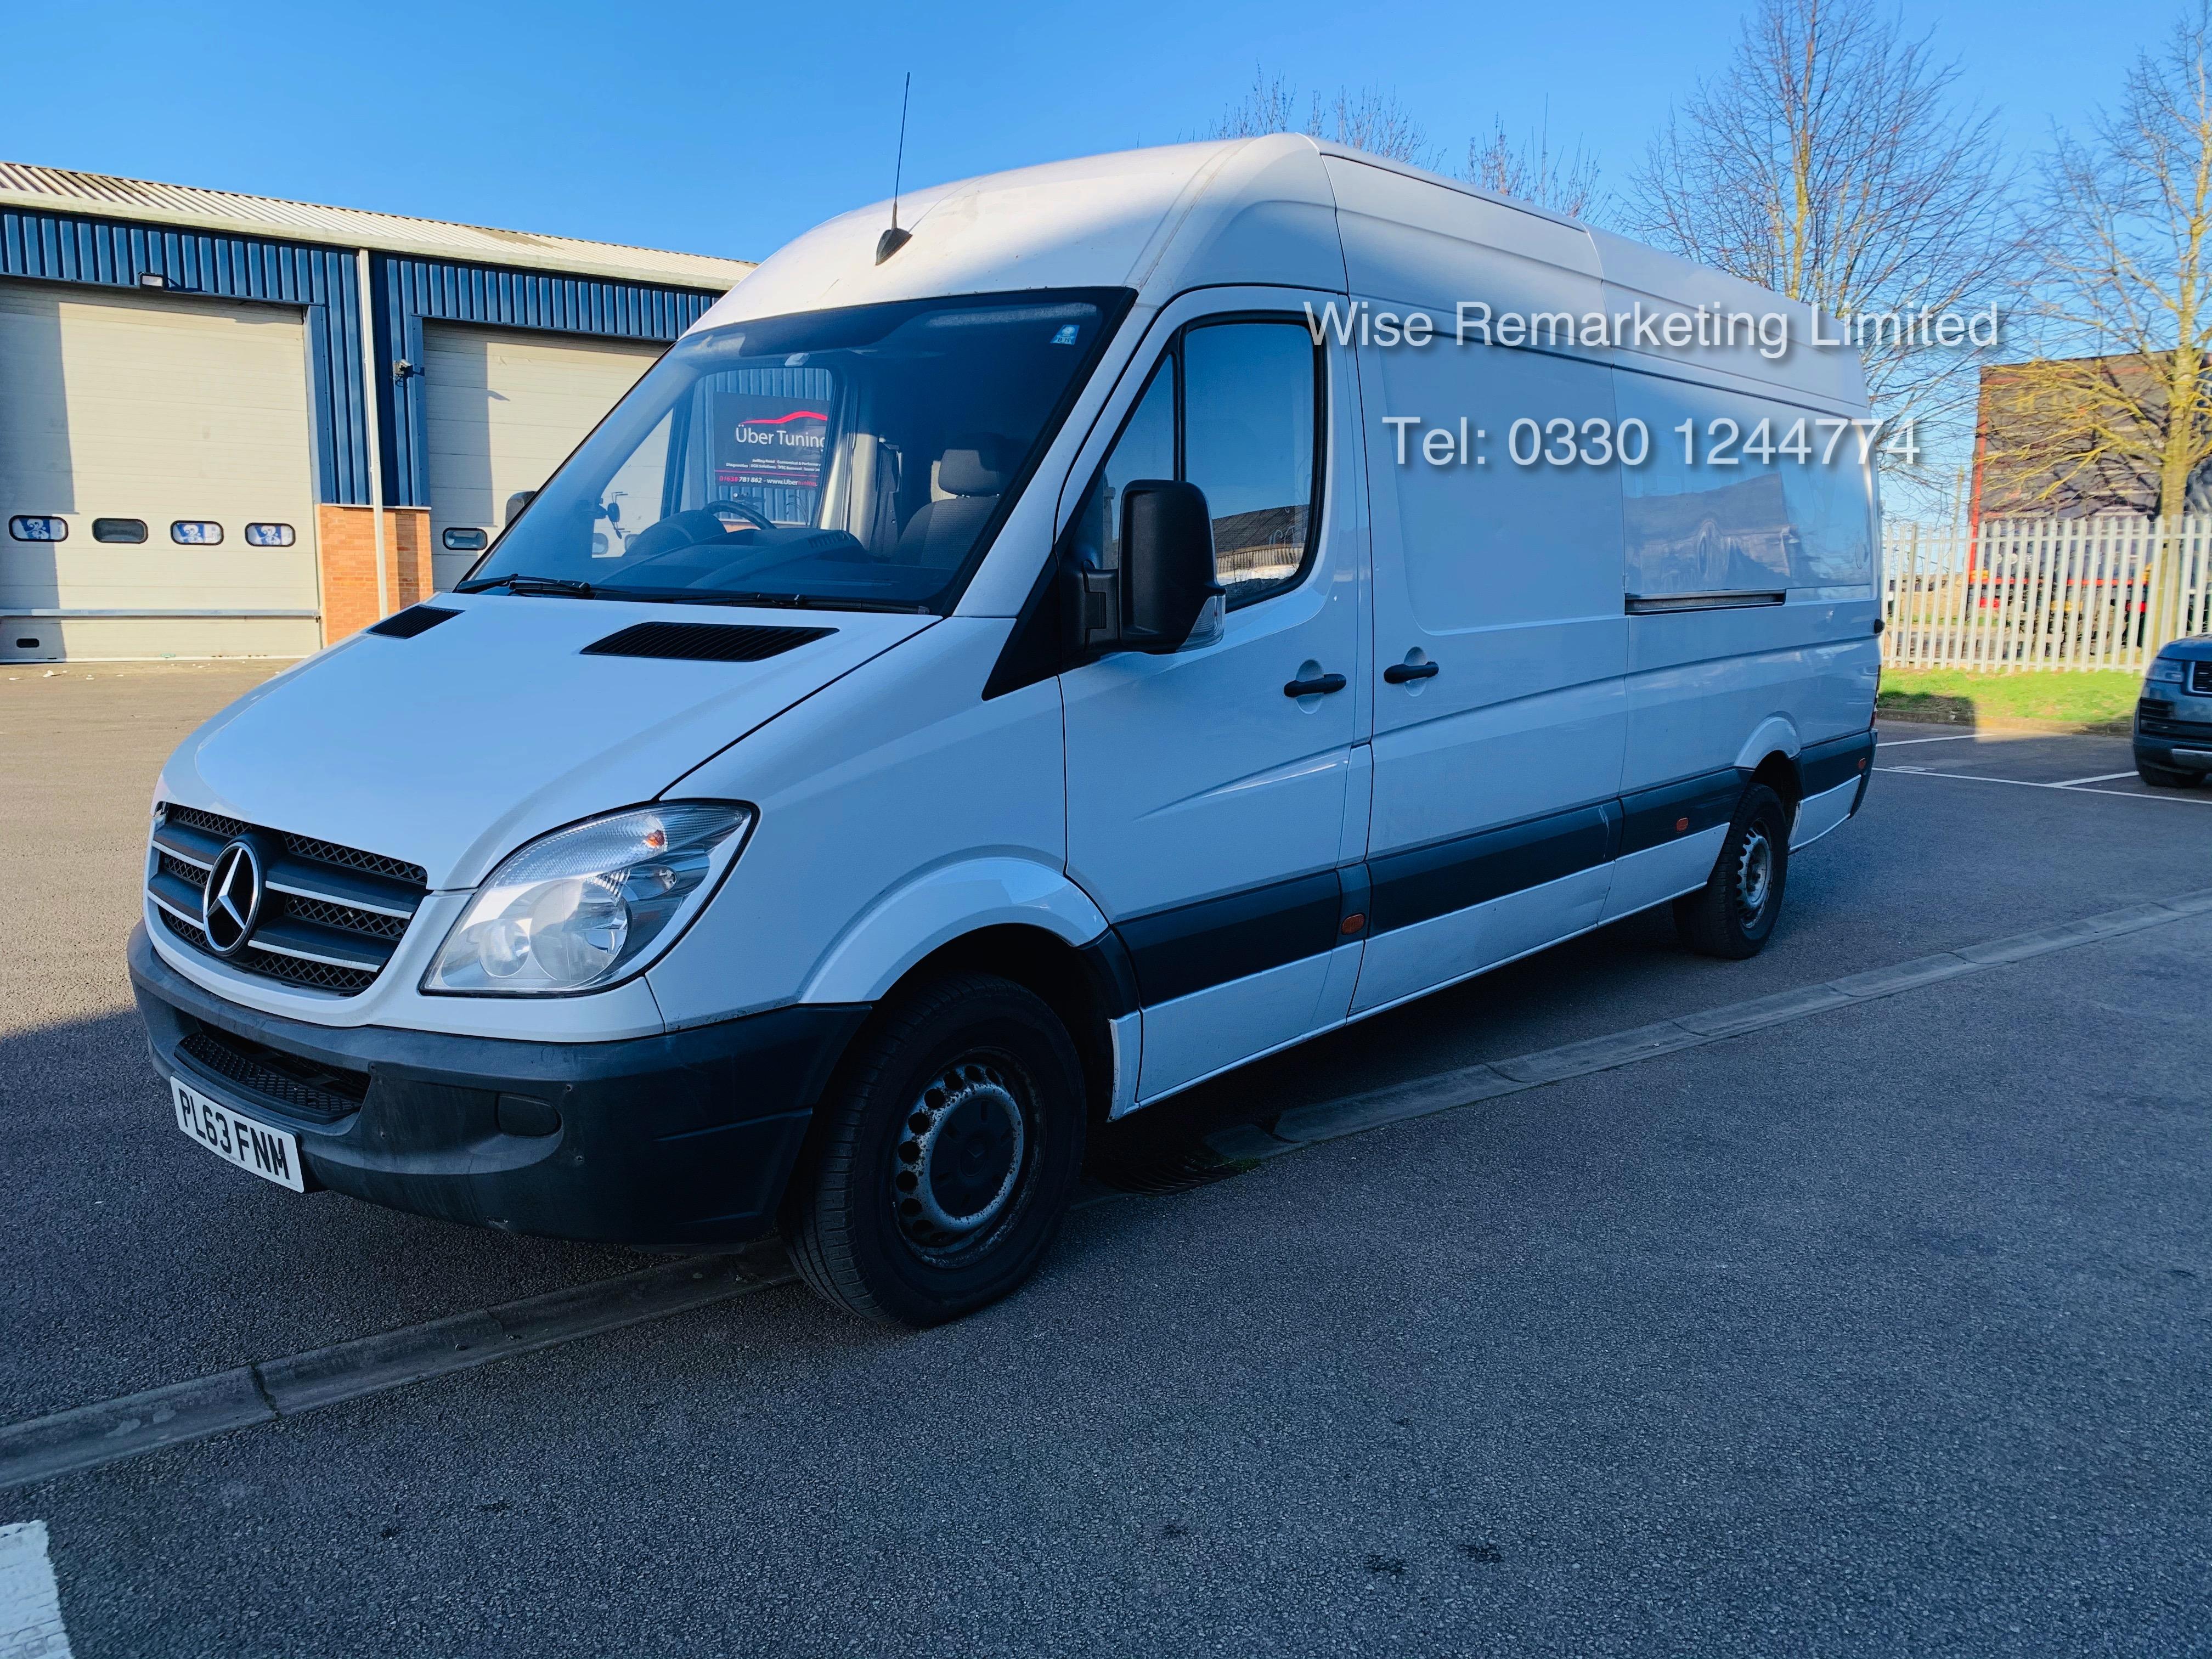 (RESERVE MET) Mercedes Sprinter 316 2.1 CDI Long Wheel Base High Roof Van - 2014 Model - 1 Owner - Image 2 of 19